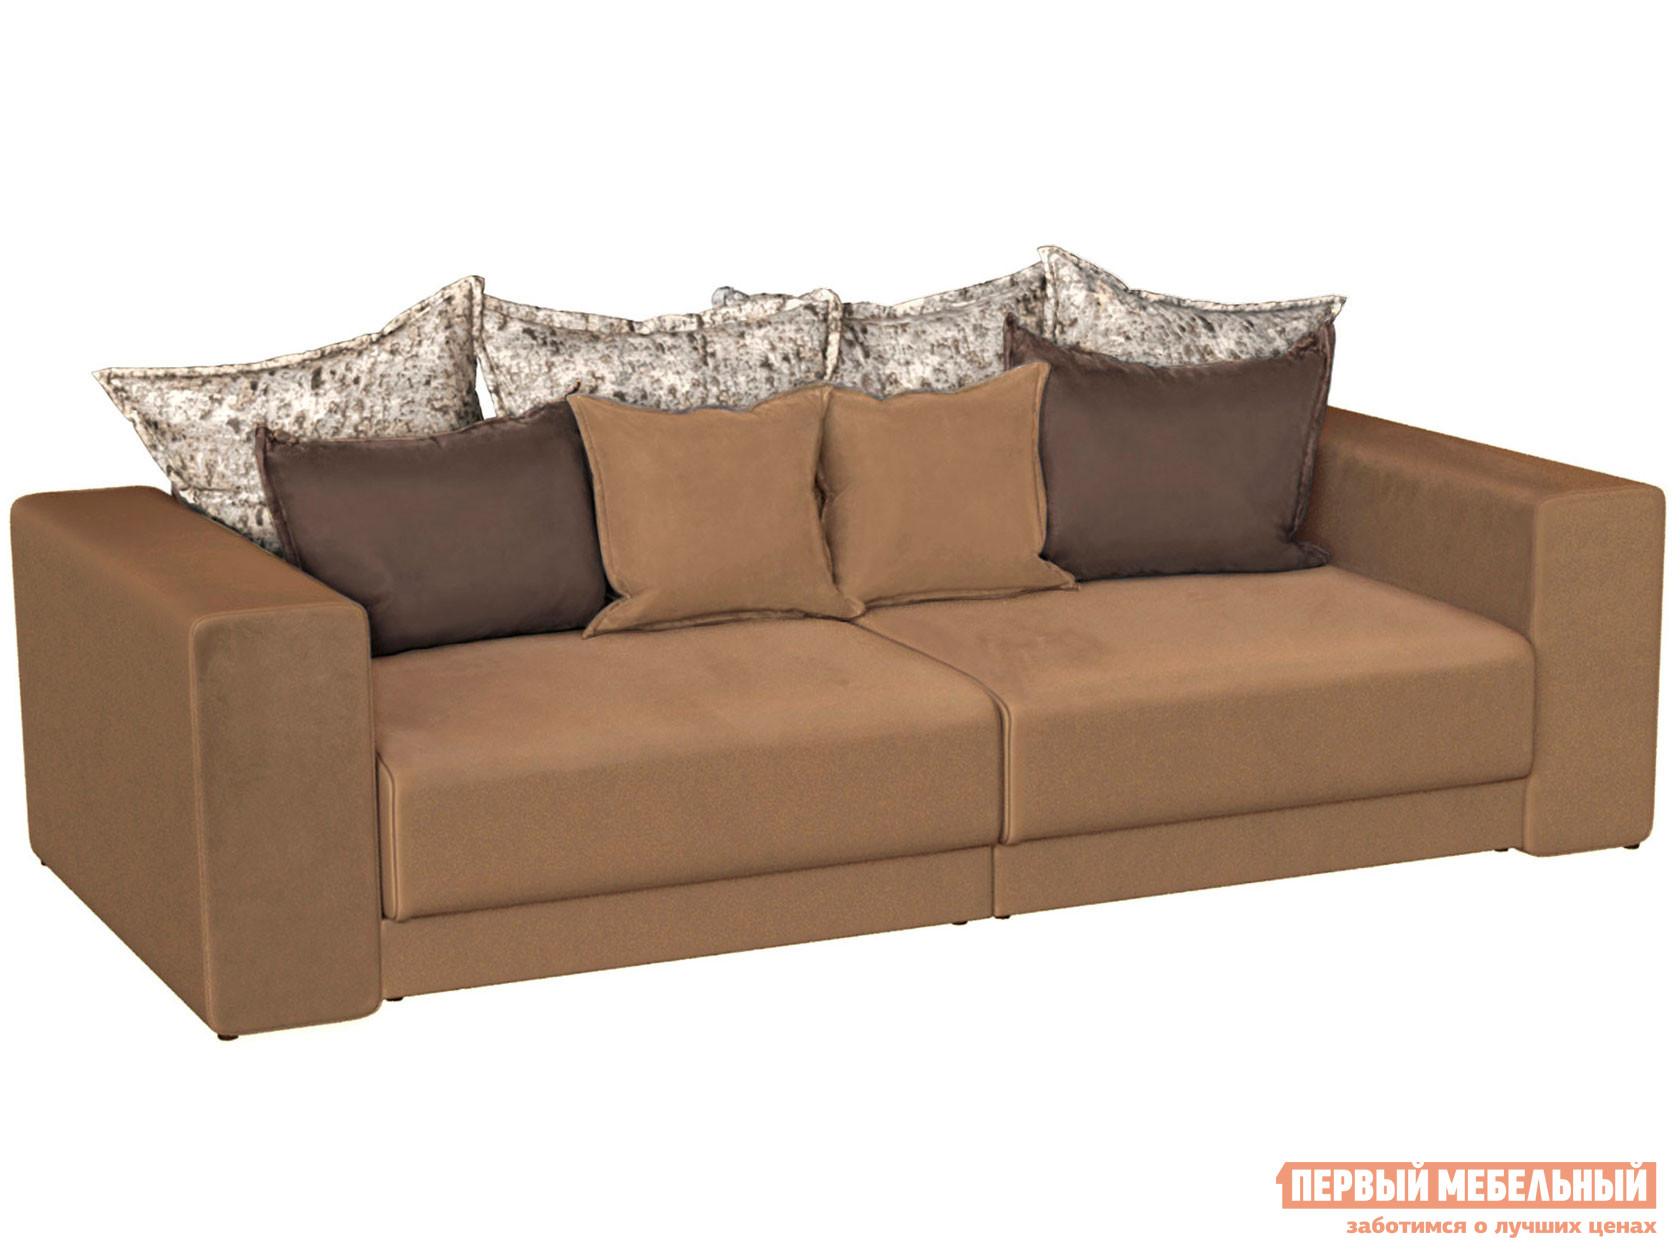 Прямой диван Первый Мебельный Диван Берн Люкс